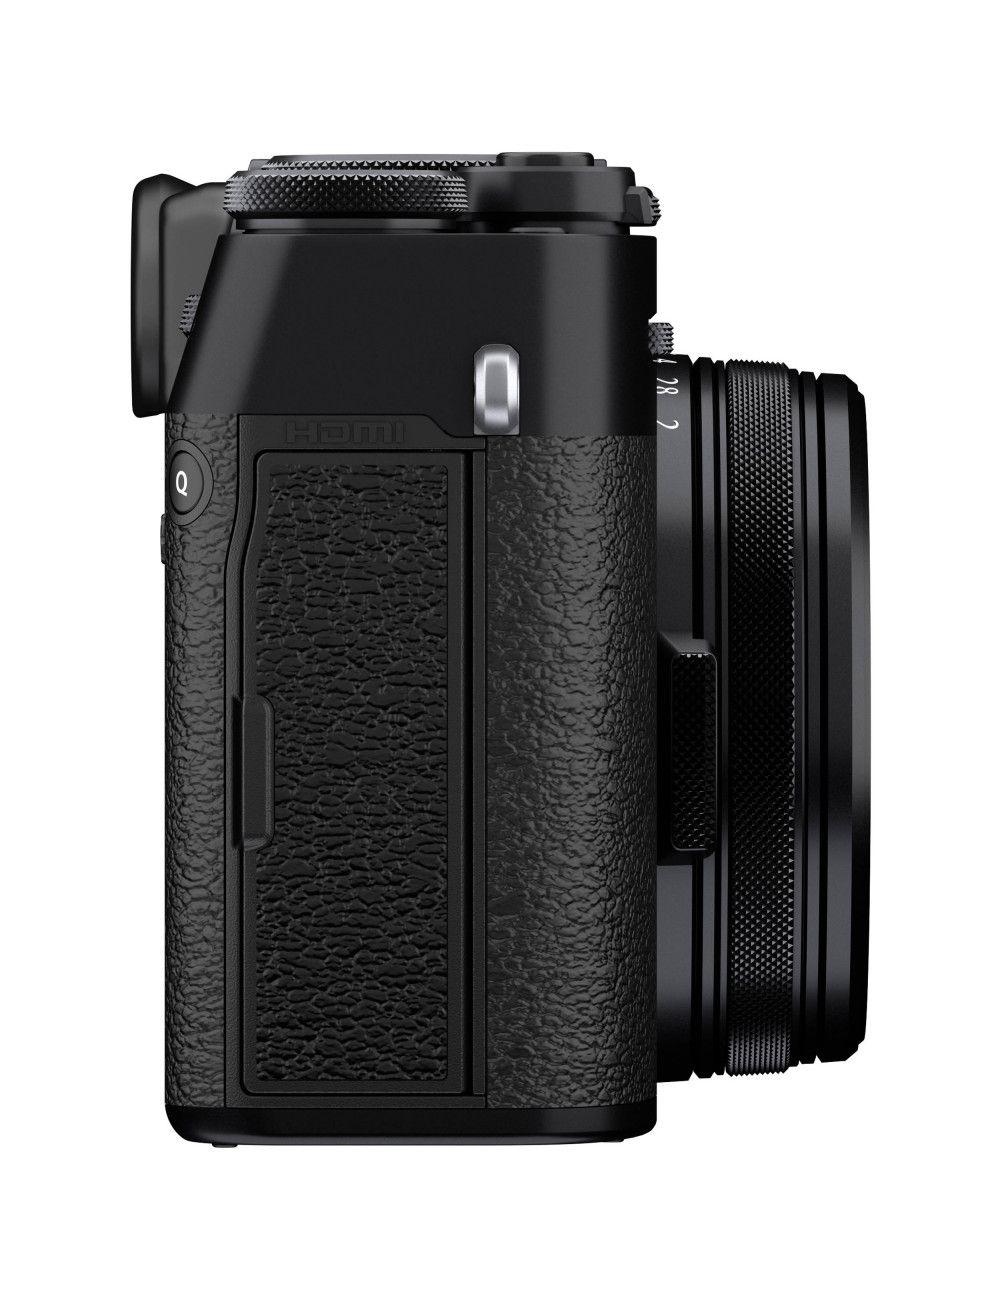 Moza Cargador de Baterías 26350 para los modelos Air/AirCross Solo cargador de batería